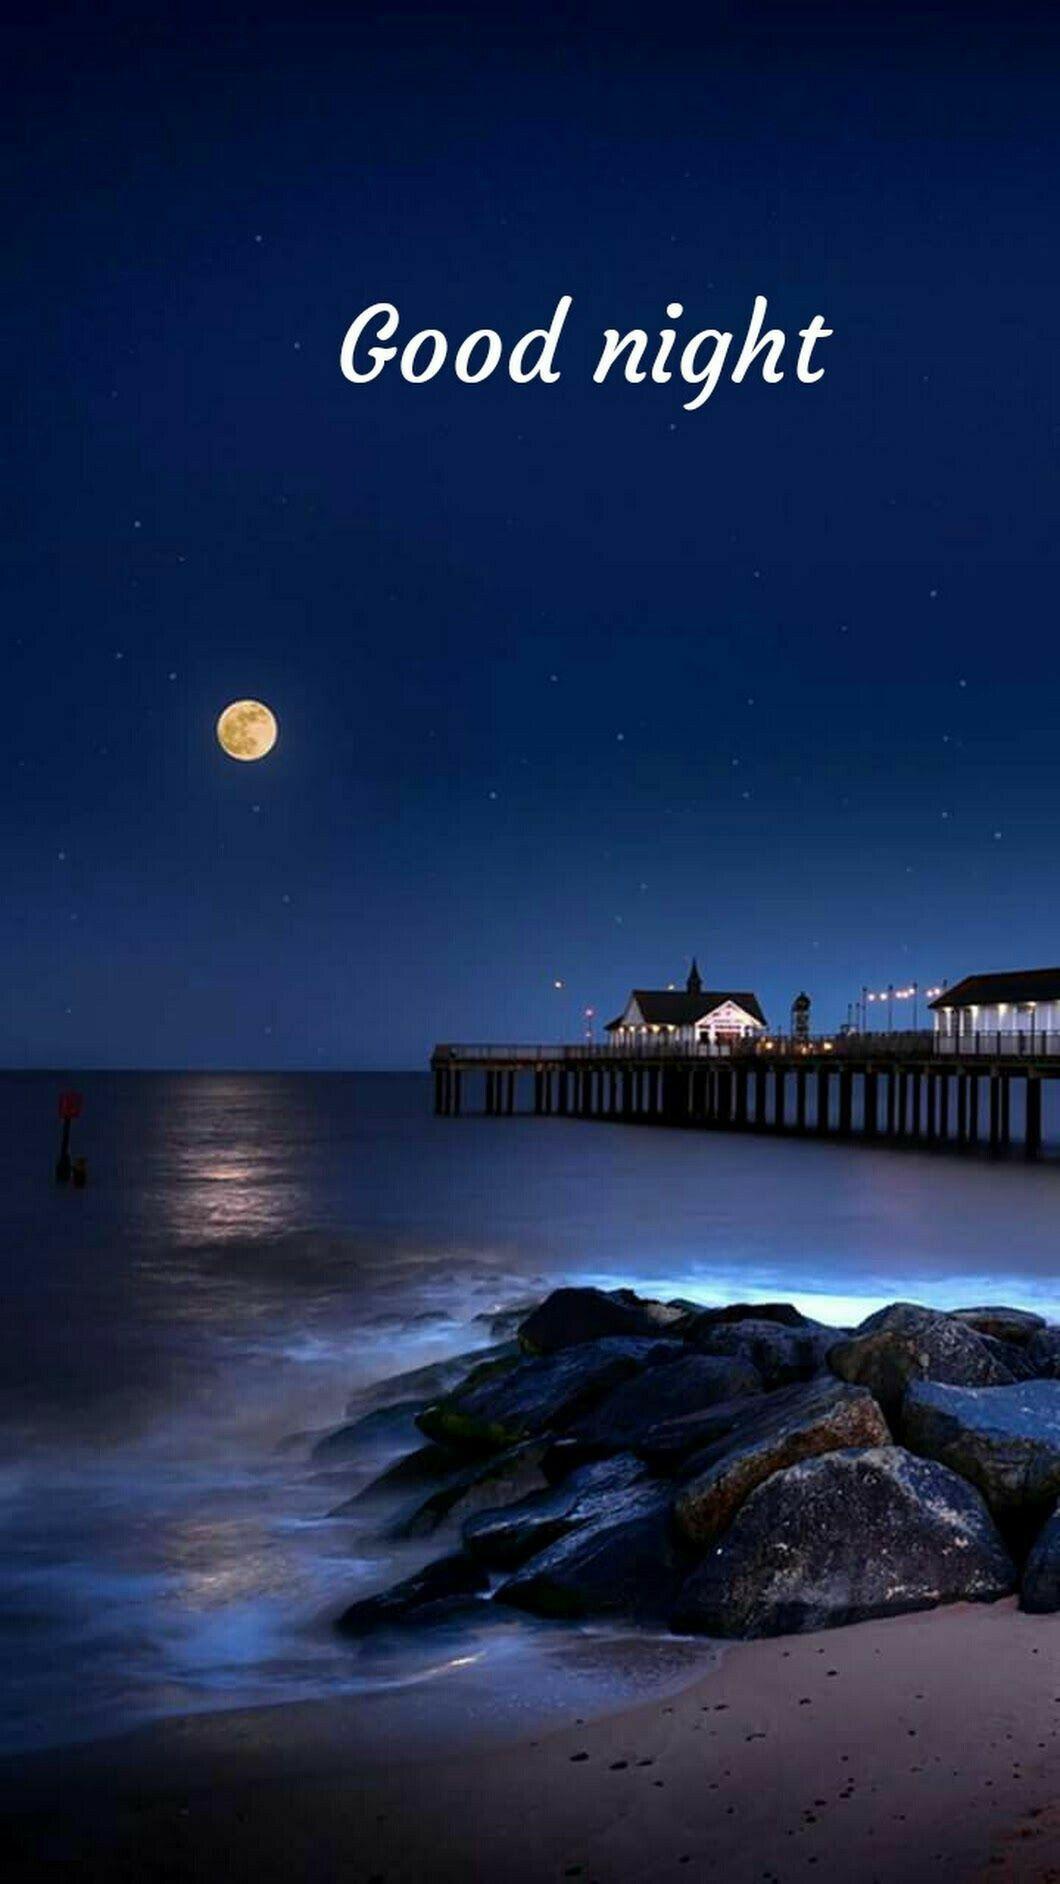 صور مساء الخير بالانجليزي , صوره جميله لمساء الخير